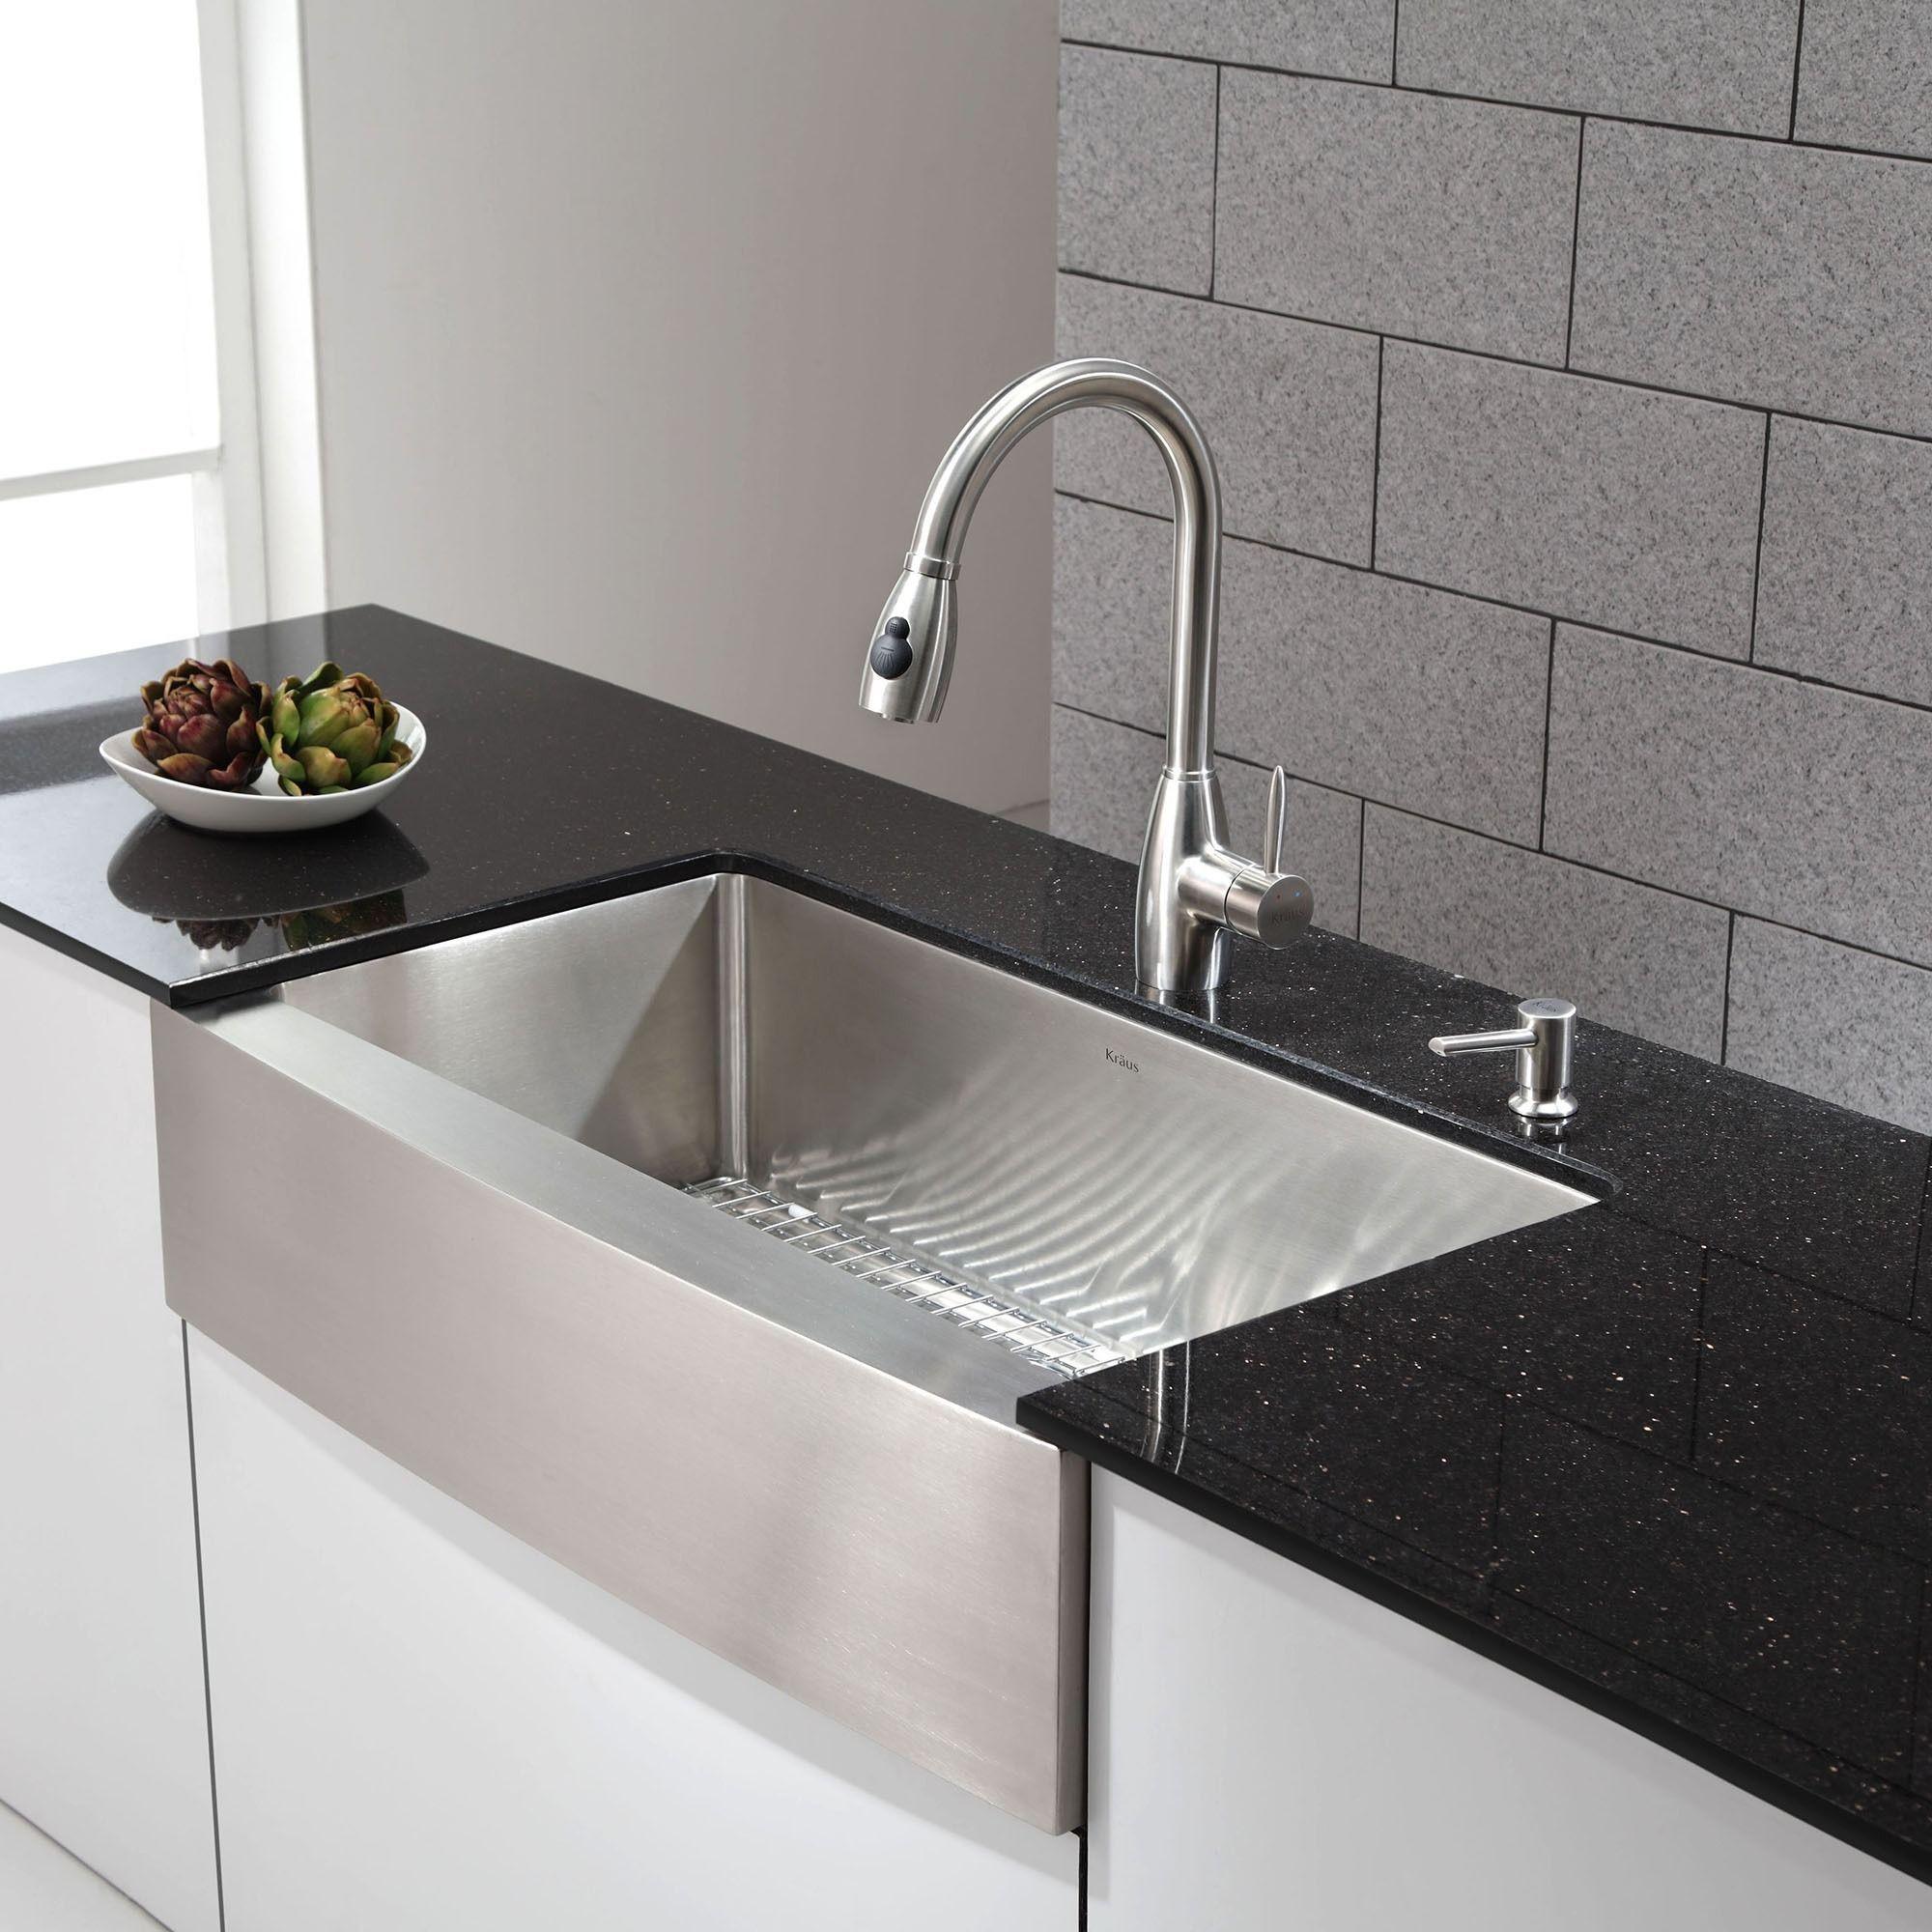 Stainless Steel Kitchen Sink Unit Farmhouse Sink Kitchen Stainless Steel Farmhouse Kitchen Sinks Kitchen Sink Remodel